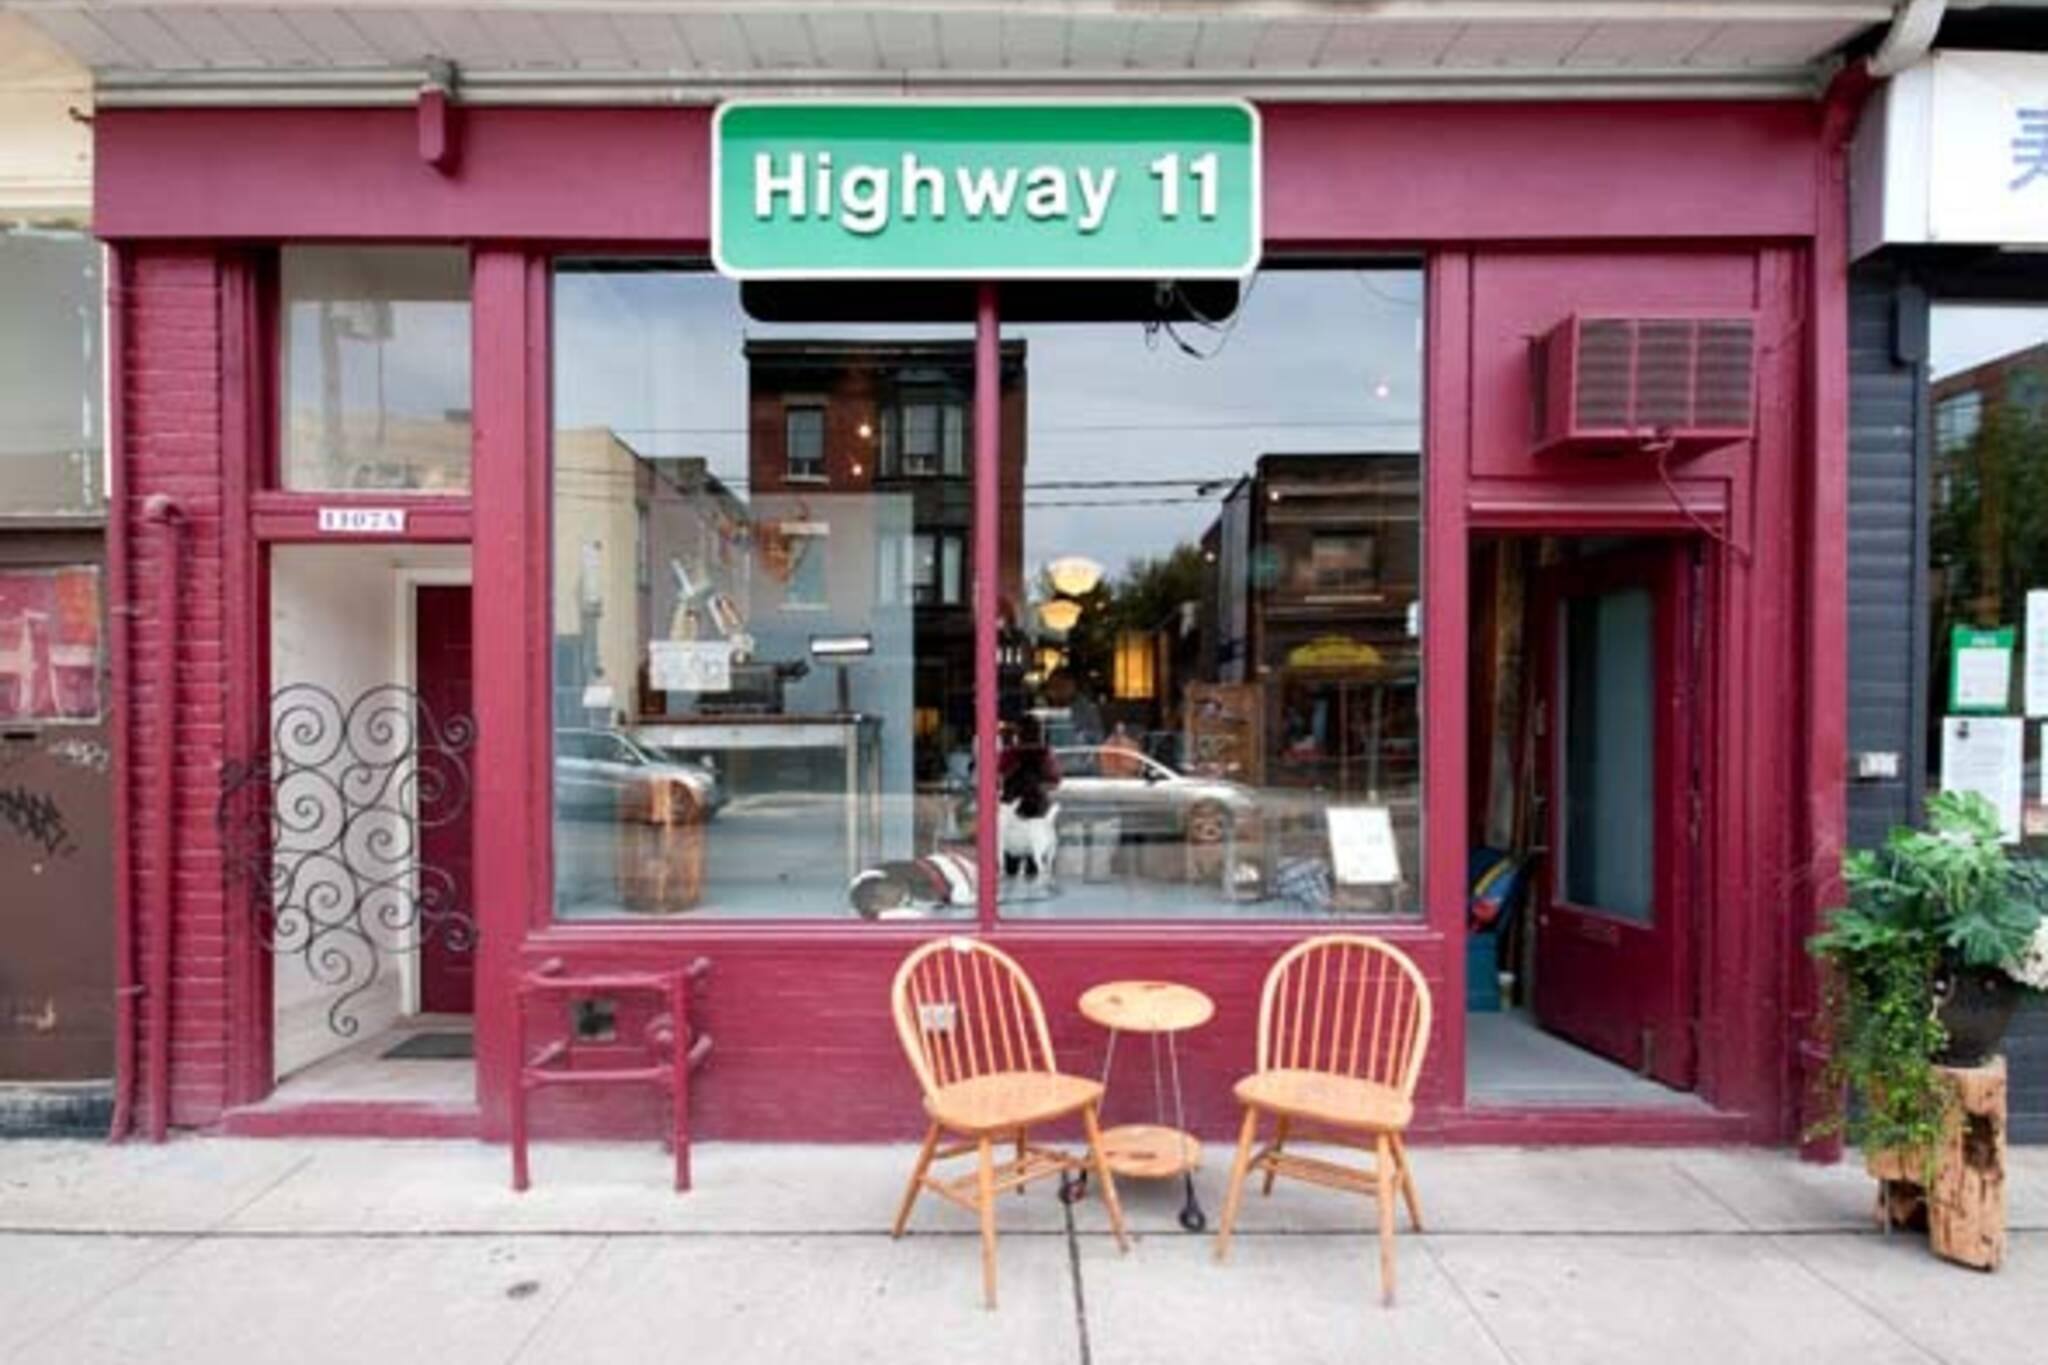 Highway 11 Toronto